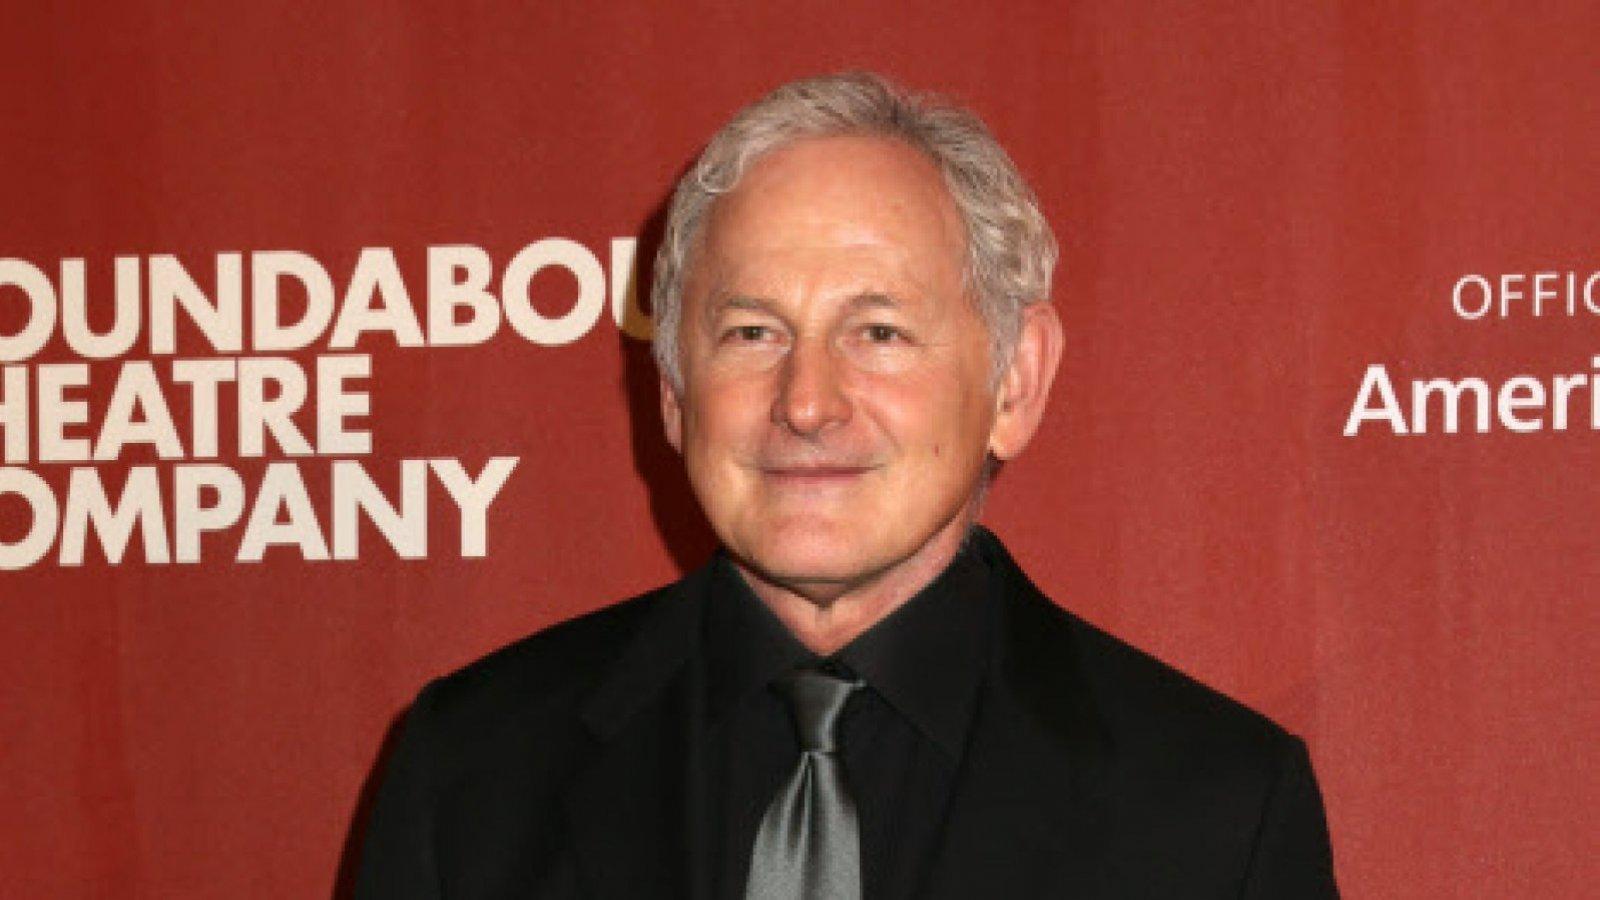 El reconocido actor no lo hizo público hasta 2013.